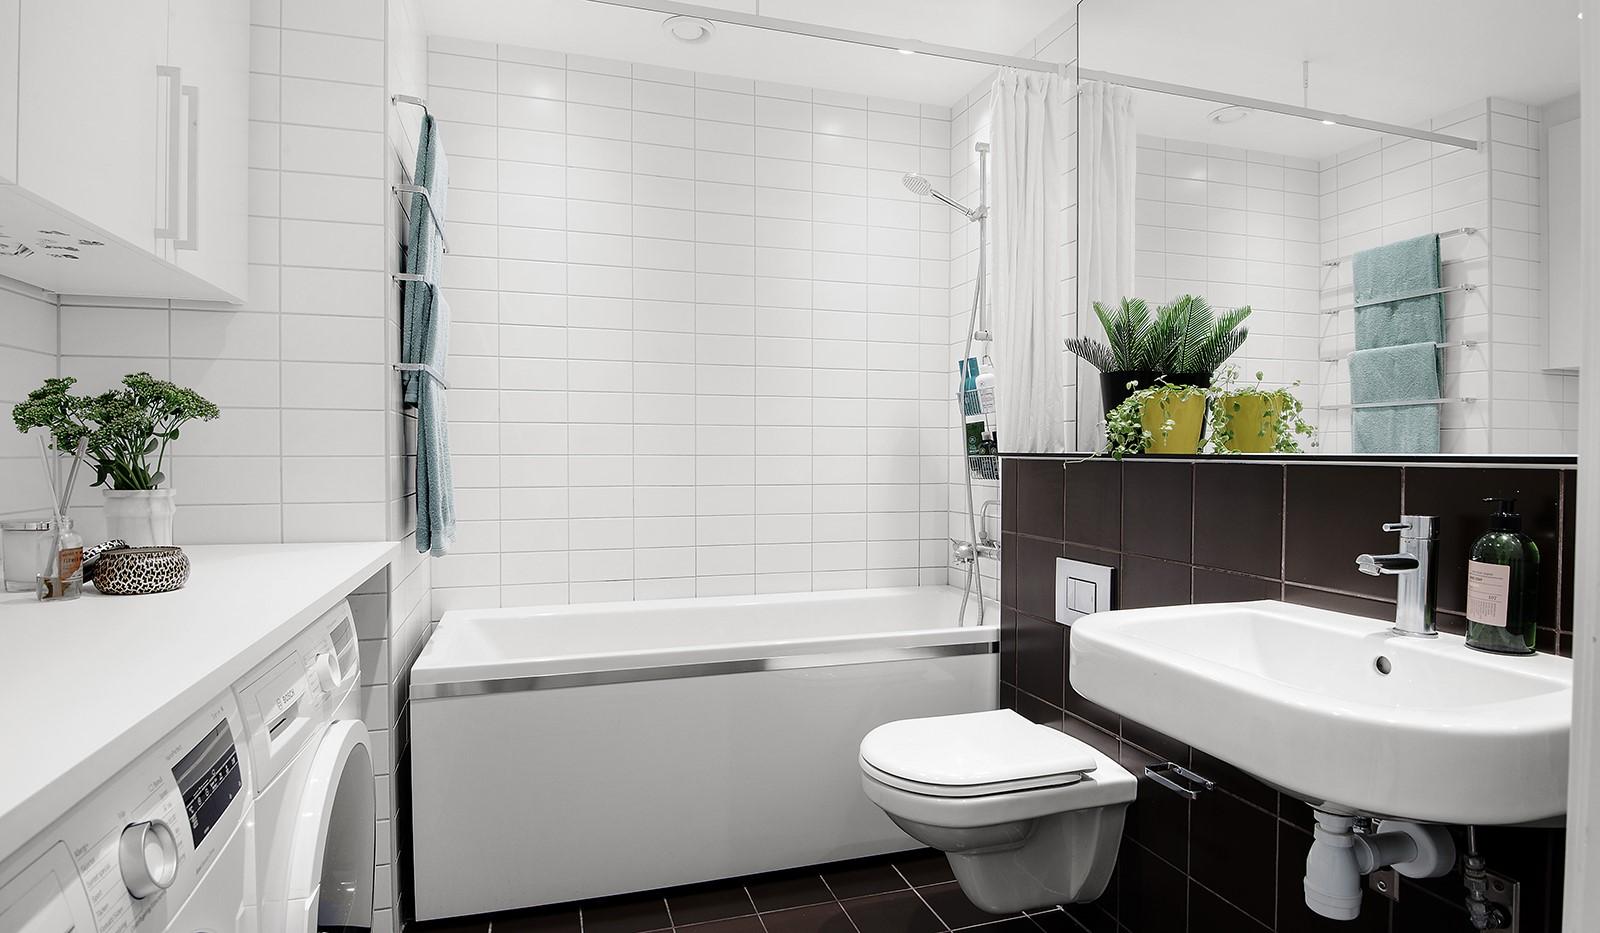 Liljeholmsvägen 12, 6tr - Snyggt helkaklat badrum med tvättmaskin, torktumlare, badkar och golvvärme